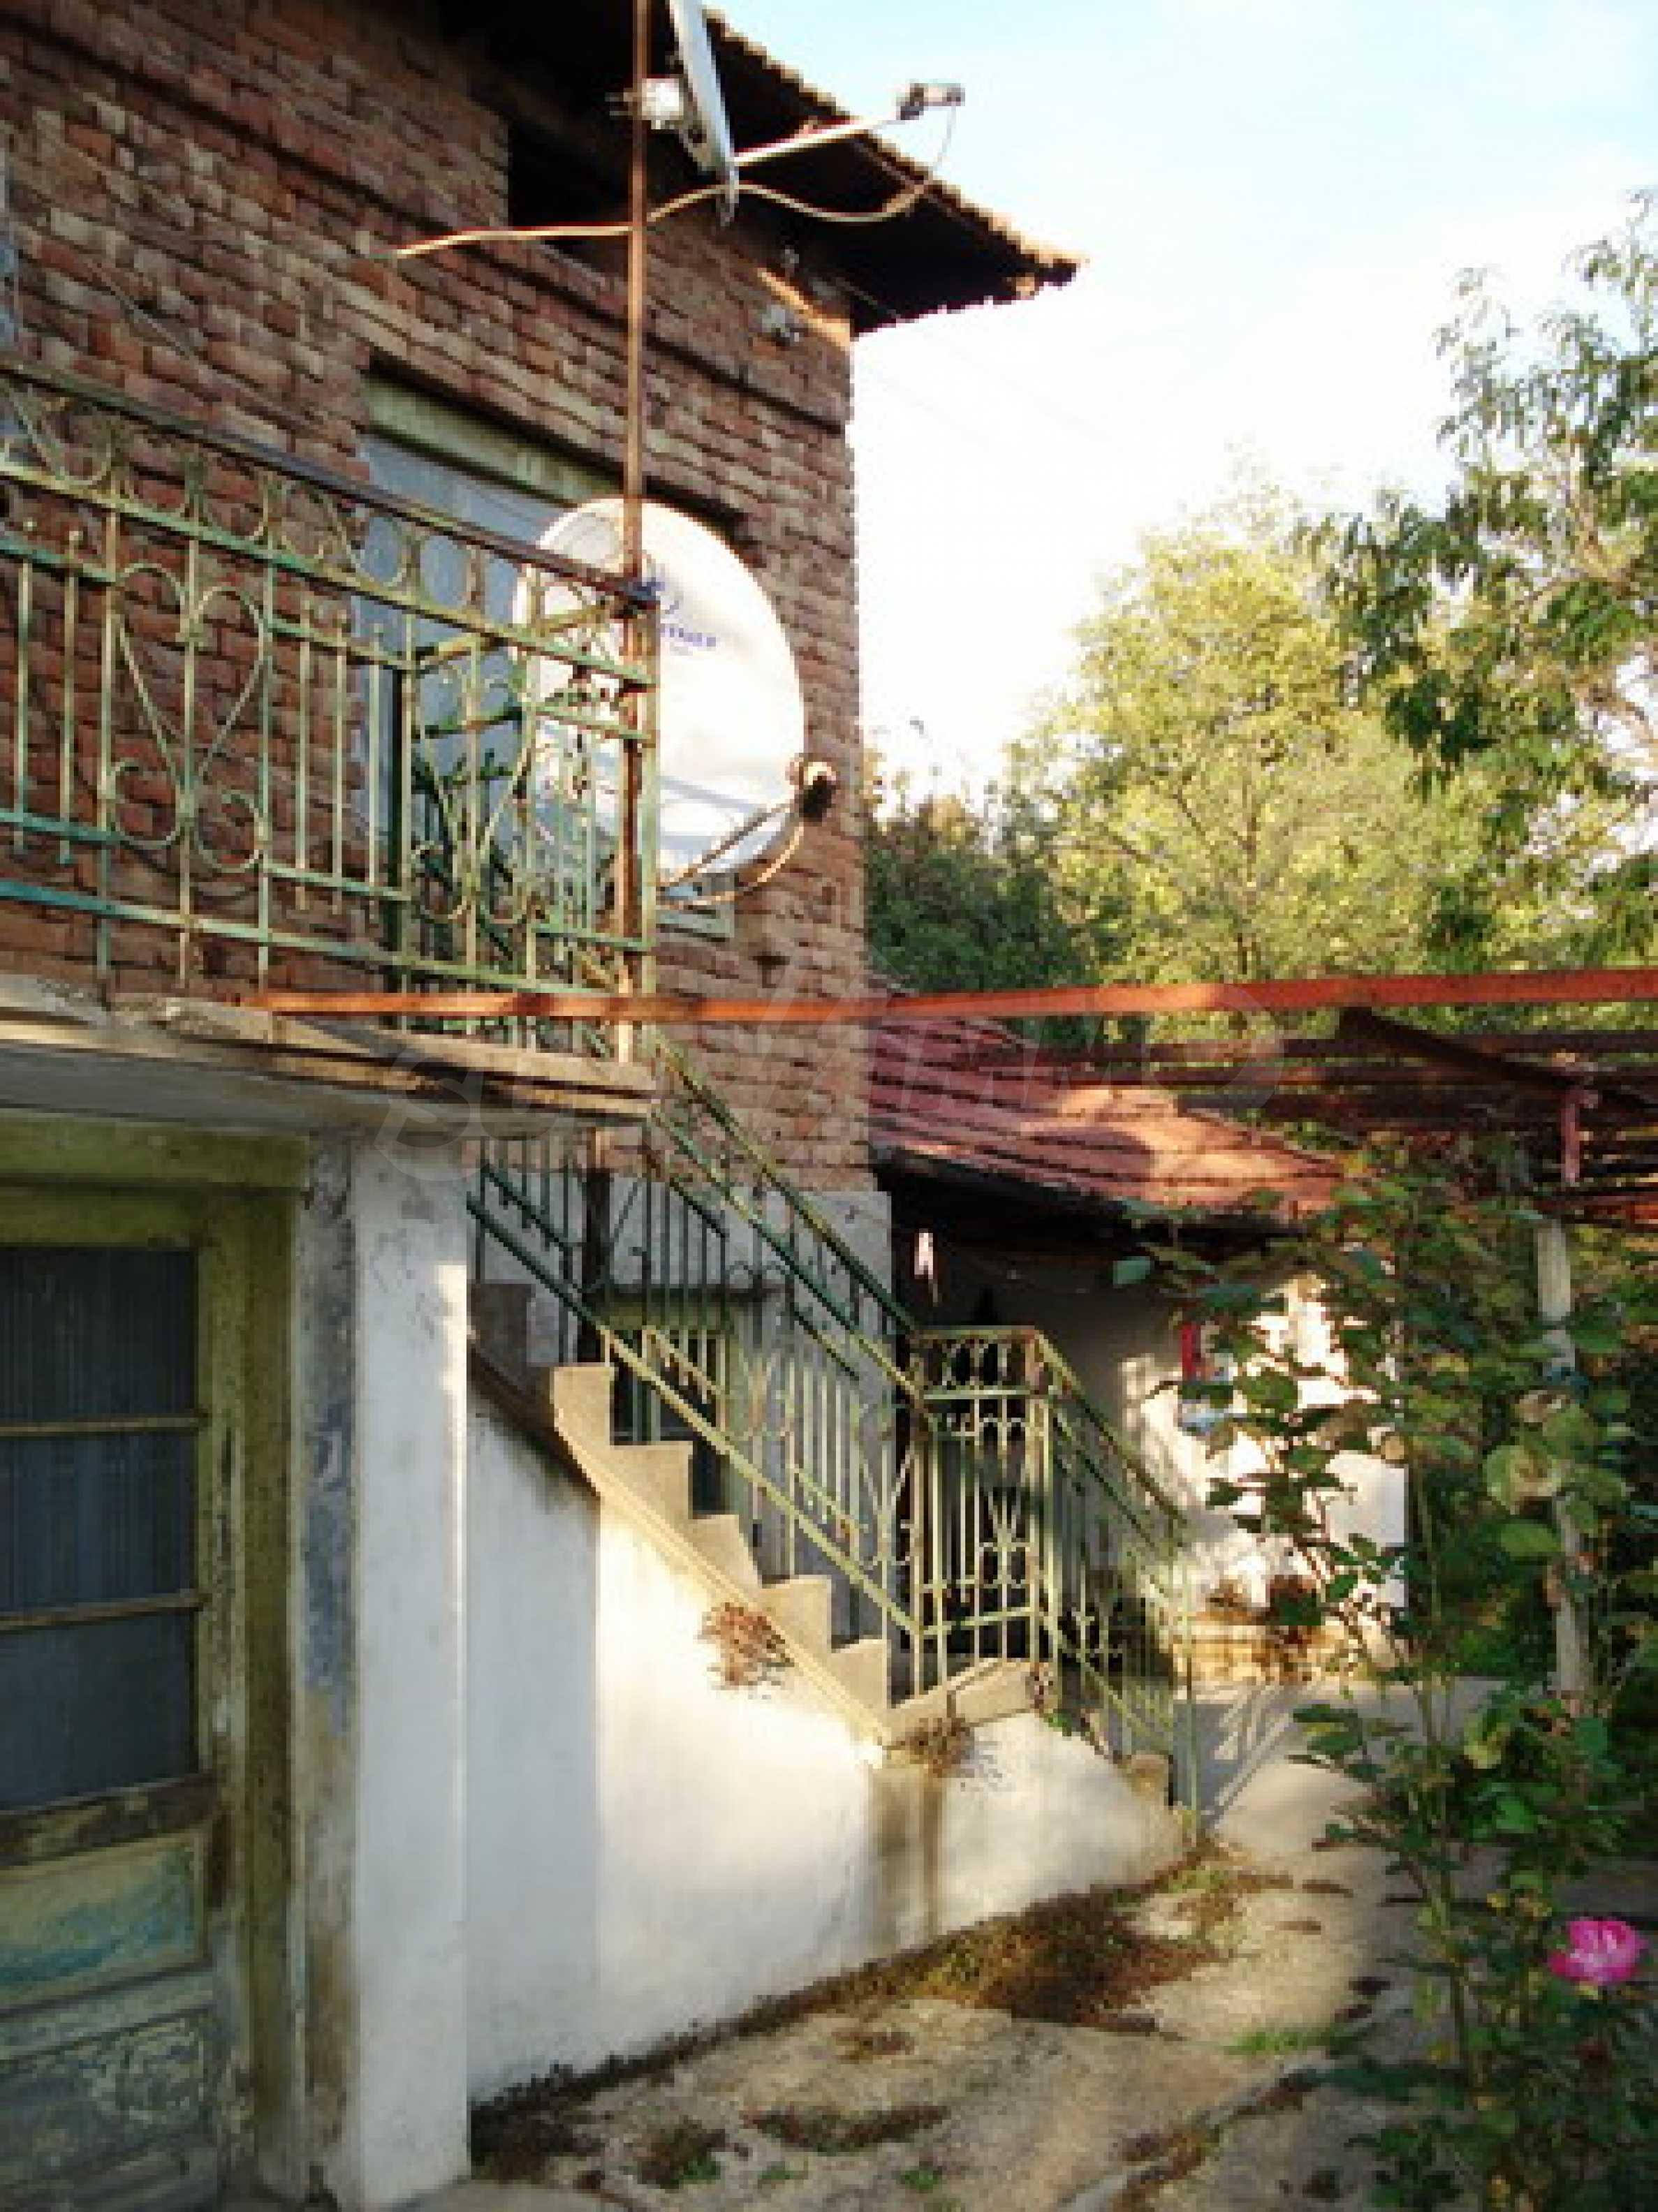 Brick-built village house 2